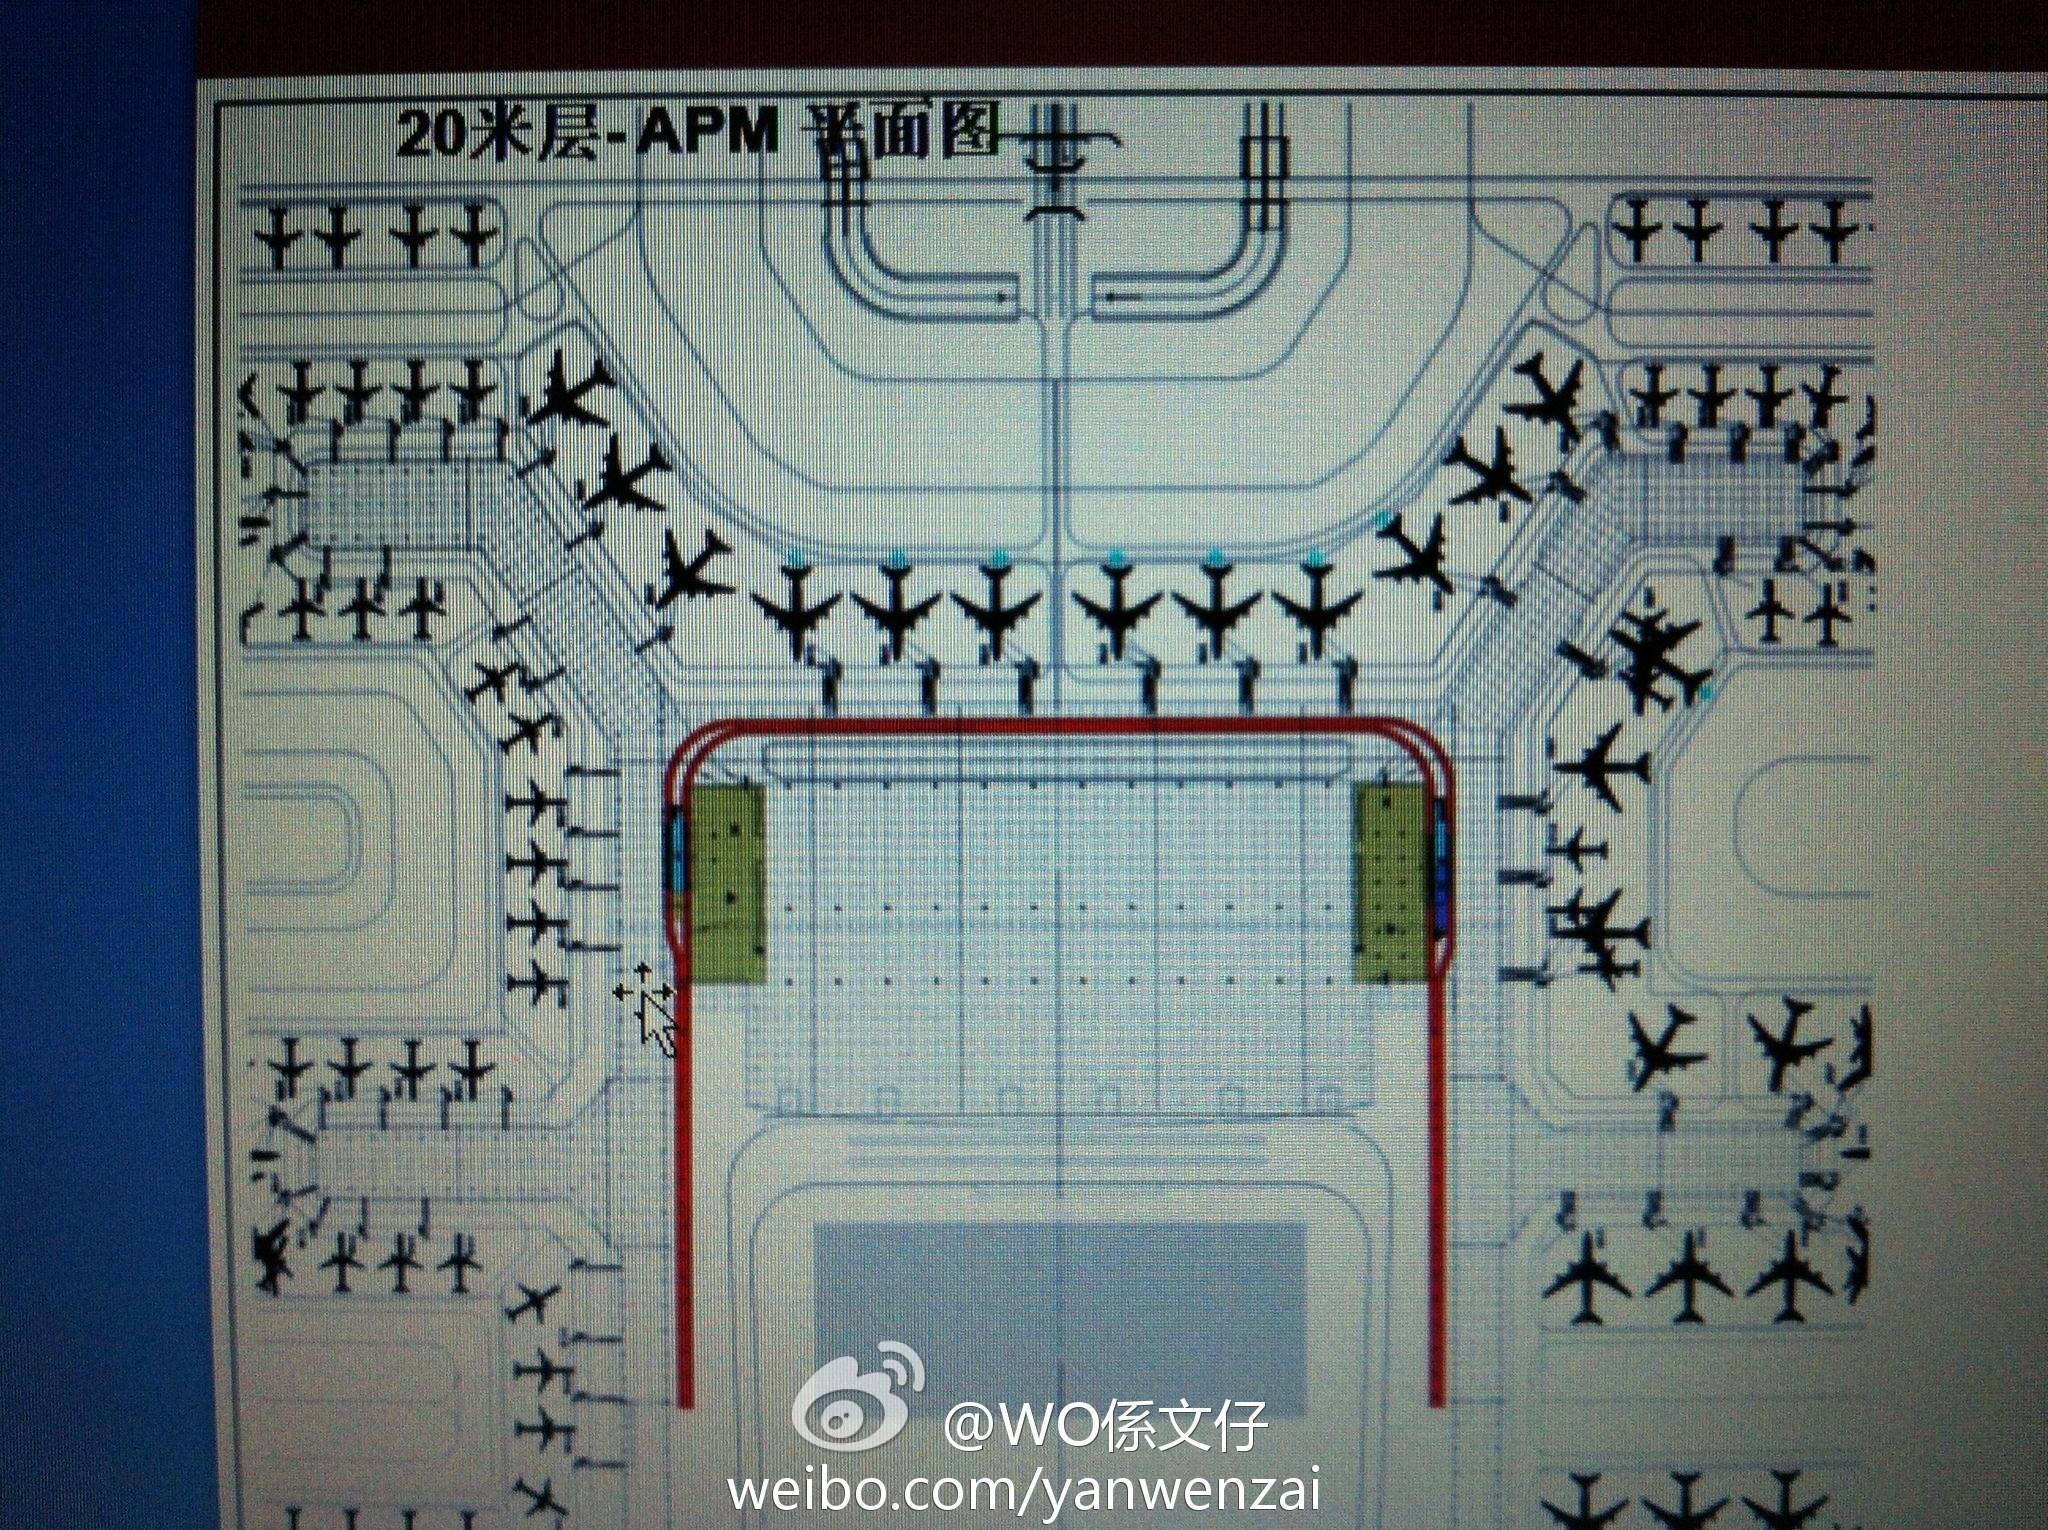 Re:Re:Re:Re:[转贴]关于白云机场T2航站楼的几个图    中国广州白云机场